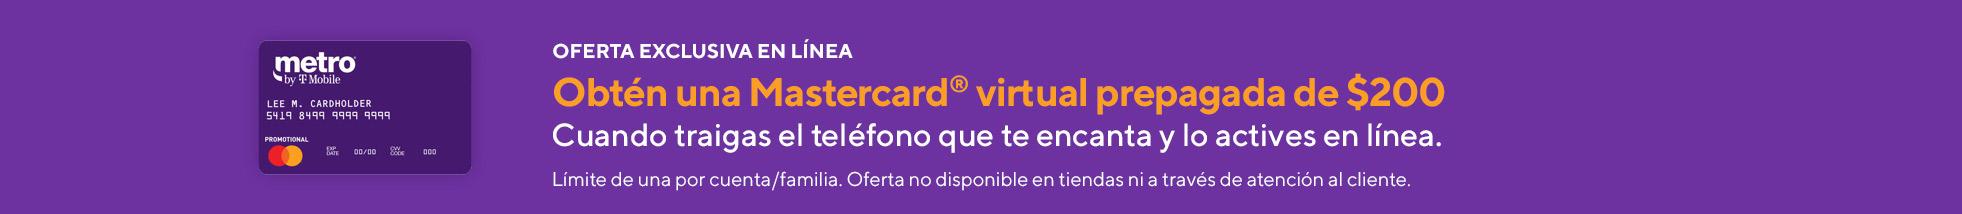 Oferta exclusiva en línea. Obtén unaMastercard virtual prepagada de $200 al traer el teléfono que te encanta aMetro by T-Mobiley activarlo en línea. Límite de una por cuenta/familia. Oferta no disponible en tiendas ni a través de atención al cliente.